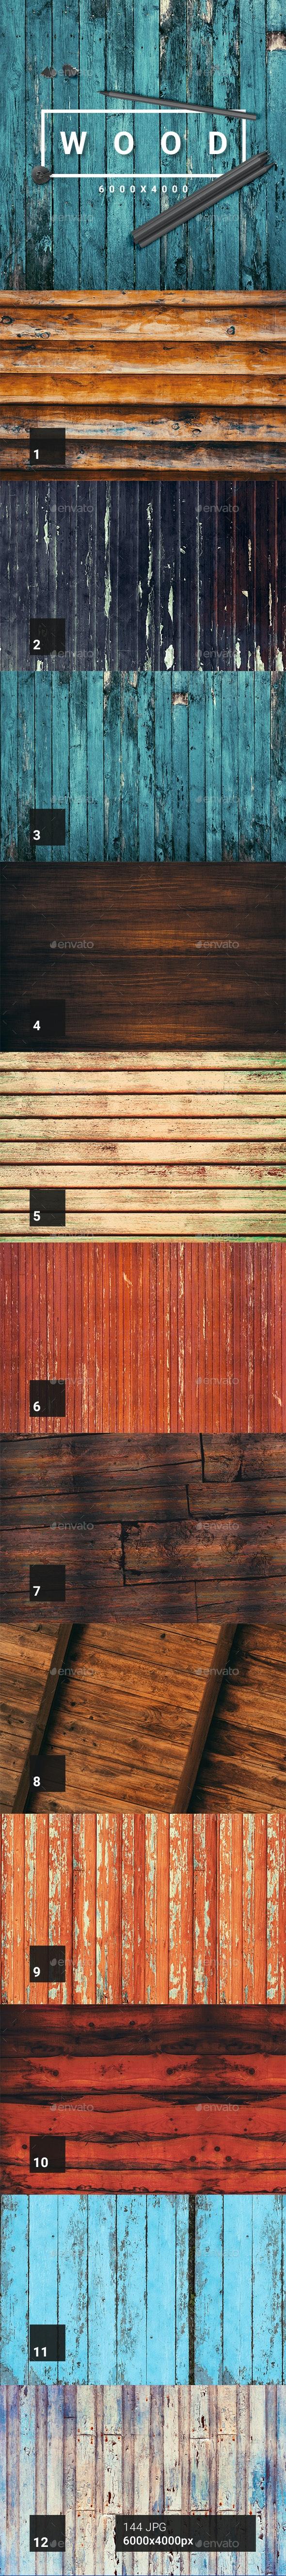 144 Wood Textures - Wood Textures